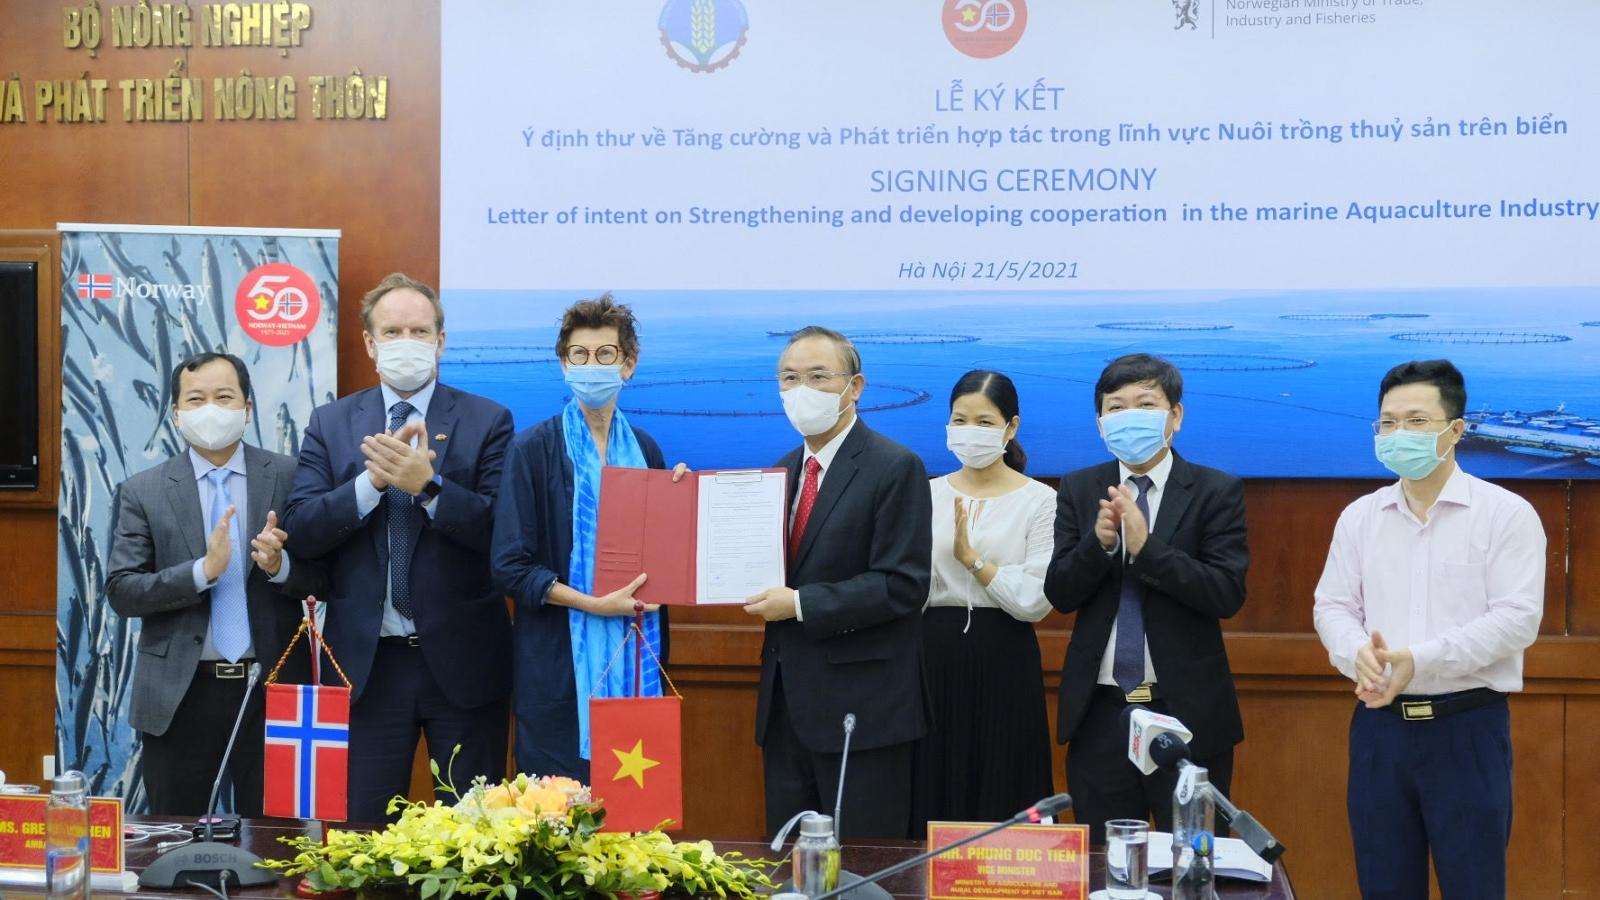 Ký kết ý định thư hợp tác trong lĩnh vực nuôi trồng thủy sản Việt Nam - Na Uy